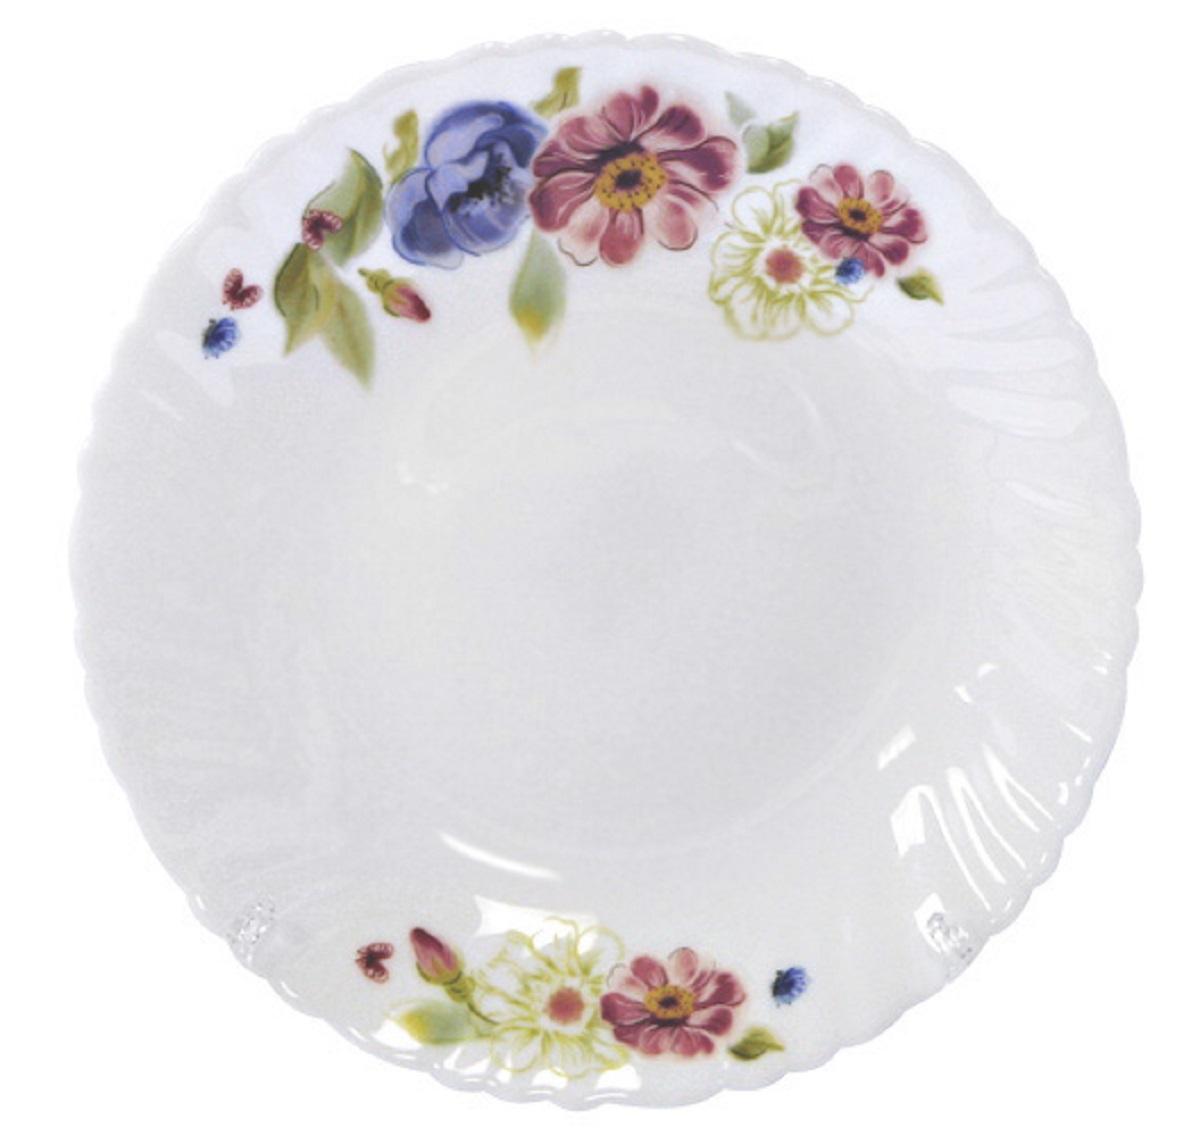 Тарелка десертная Chinbull Луара, диаметр 19 смOLHP-75/150506Тарелка десертная из тонкой стеклокерамики с цветочным рисунком.